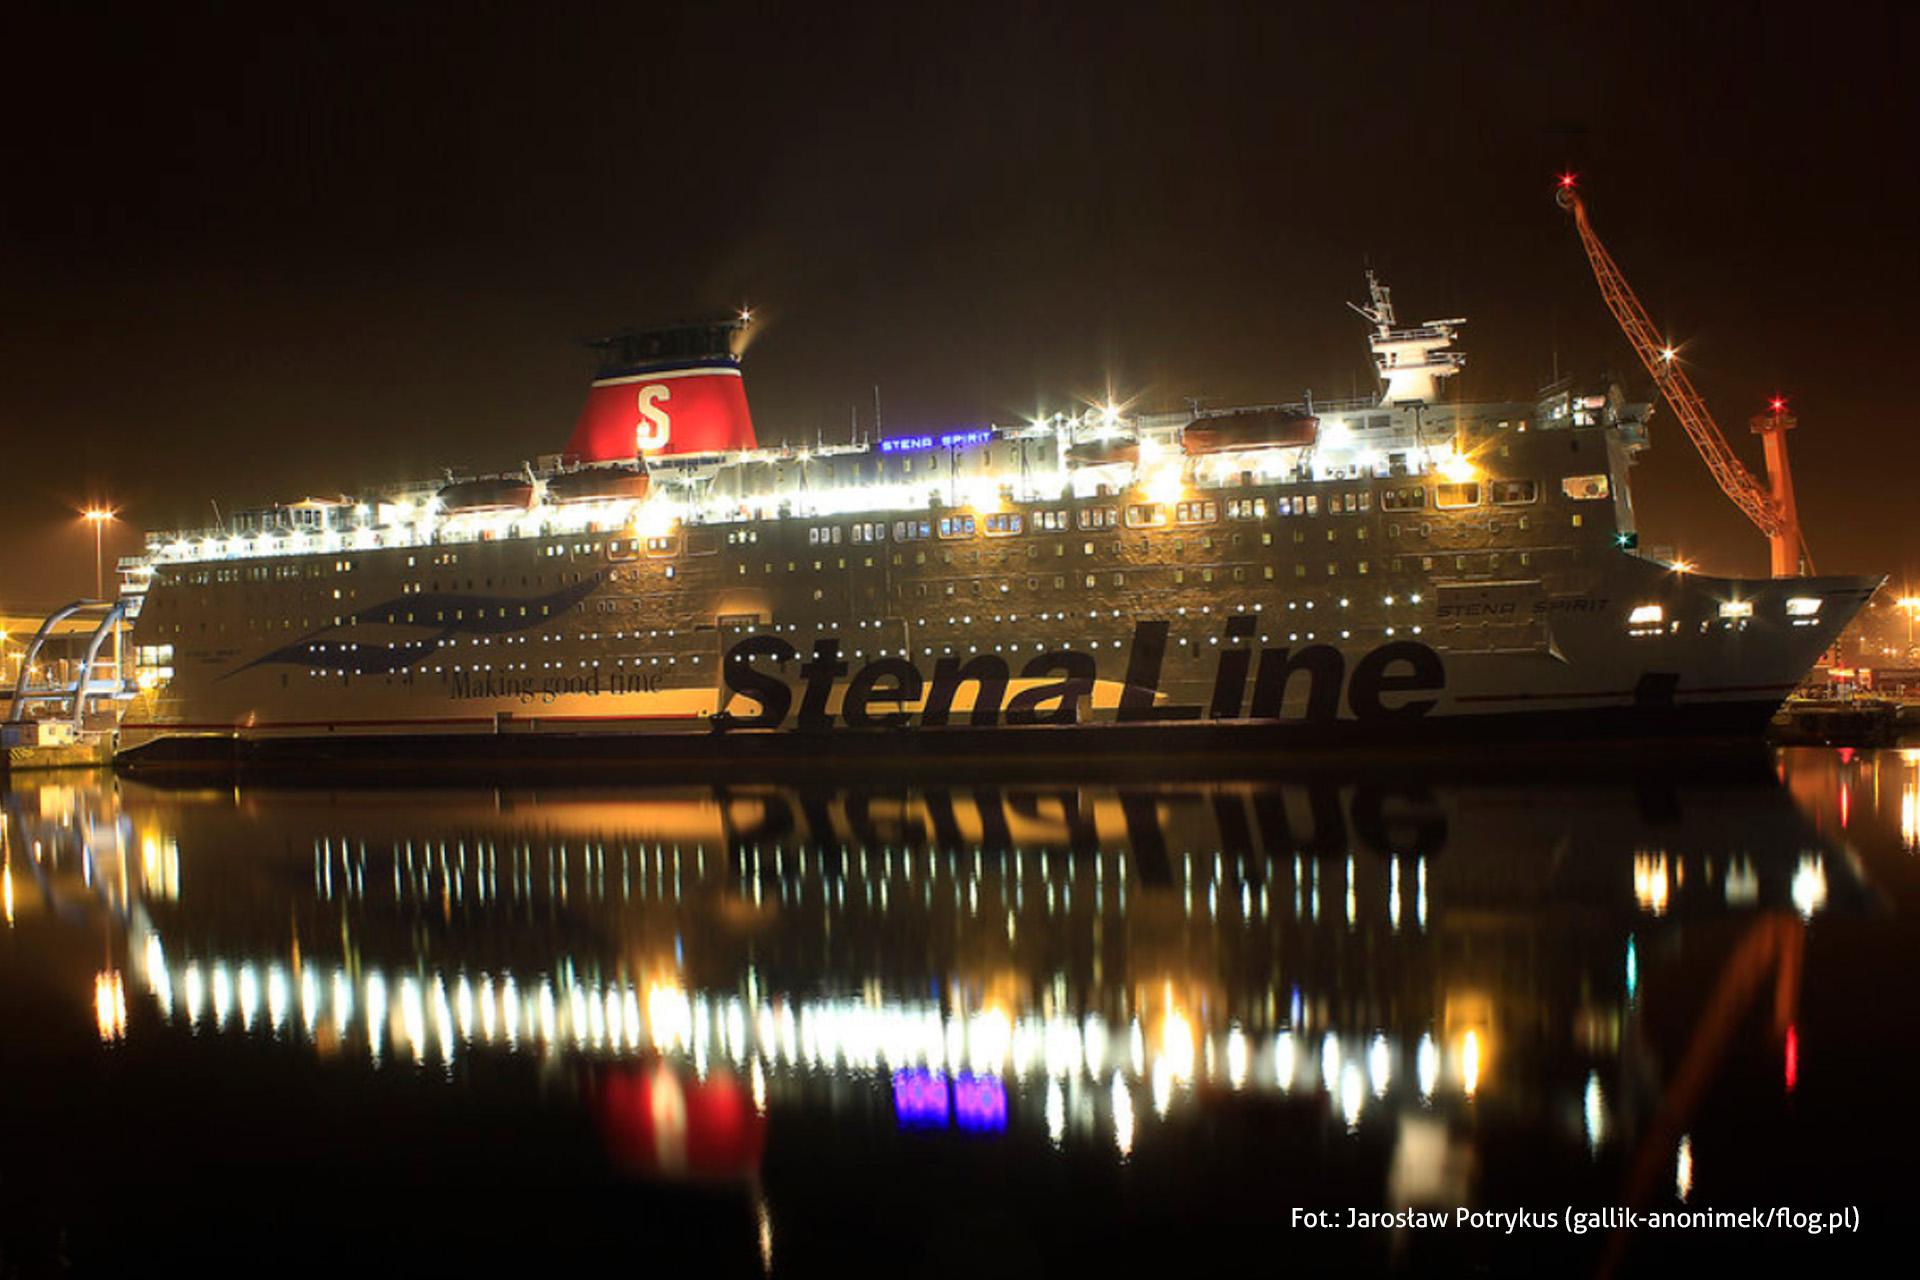 Prom Stena Line wporcie, noc, oświetlony statek